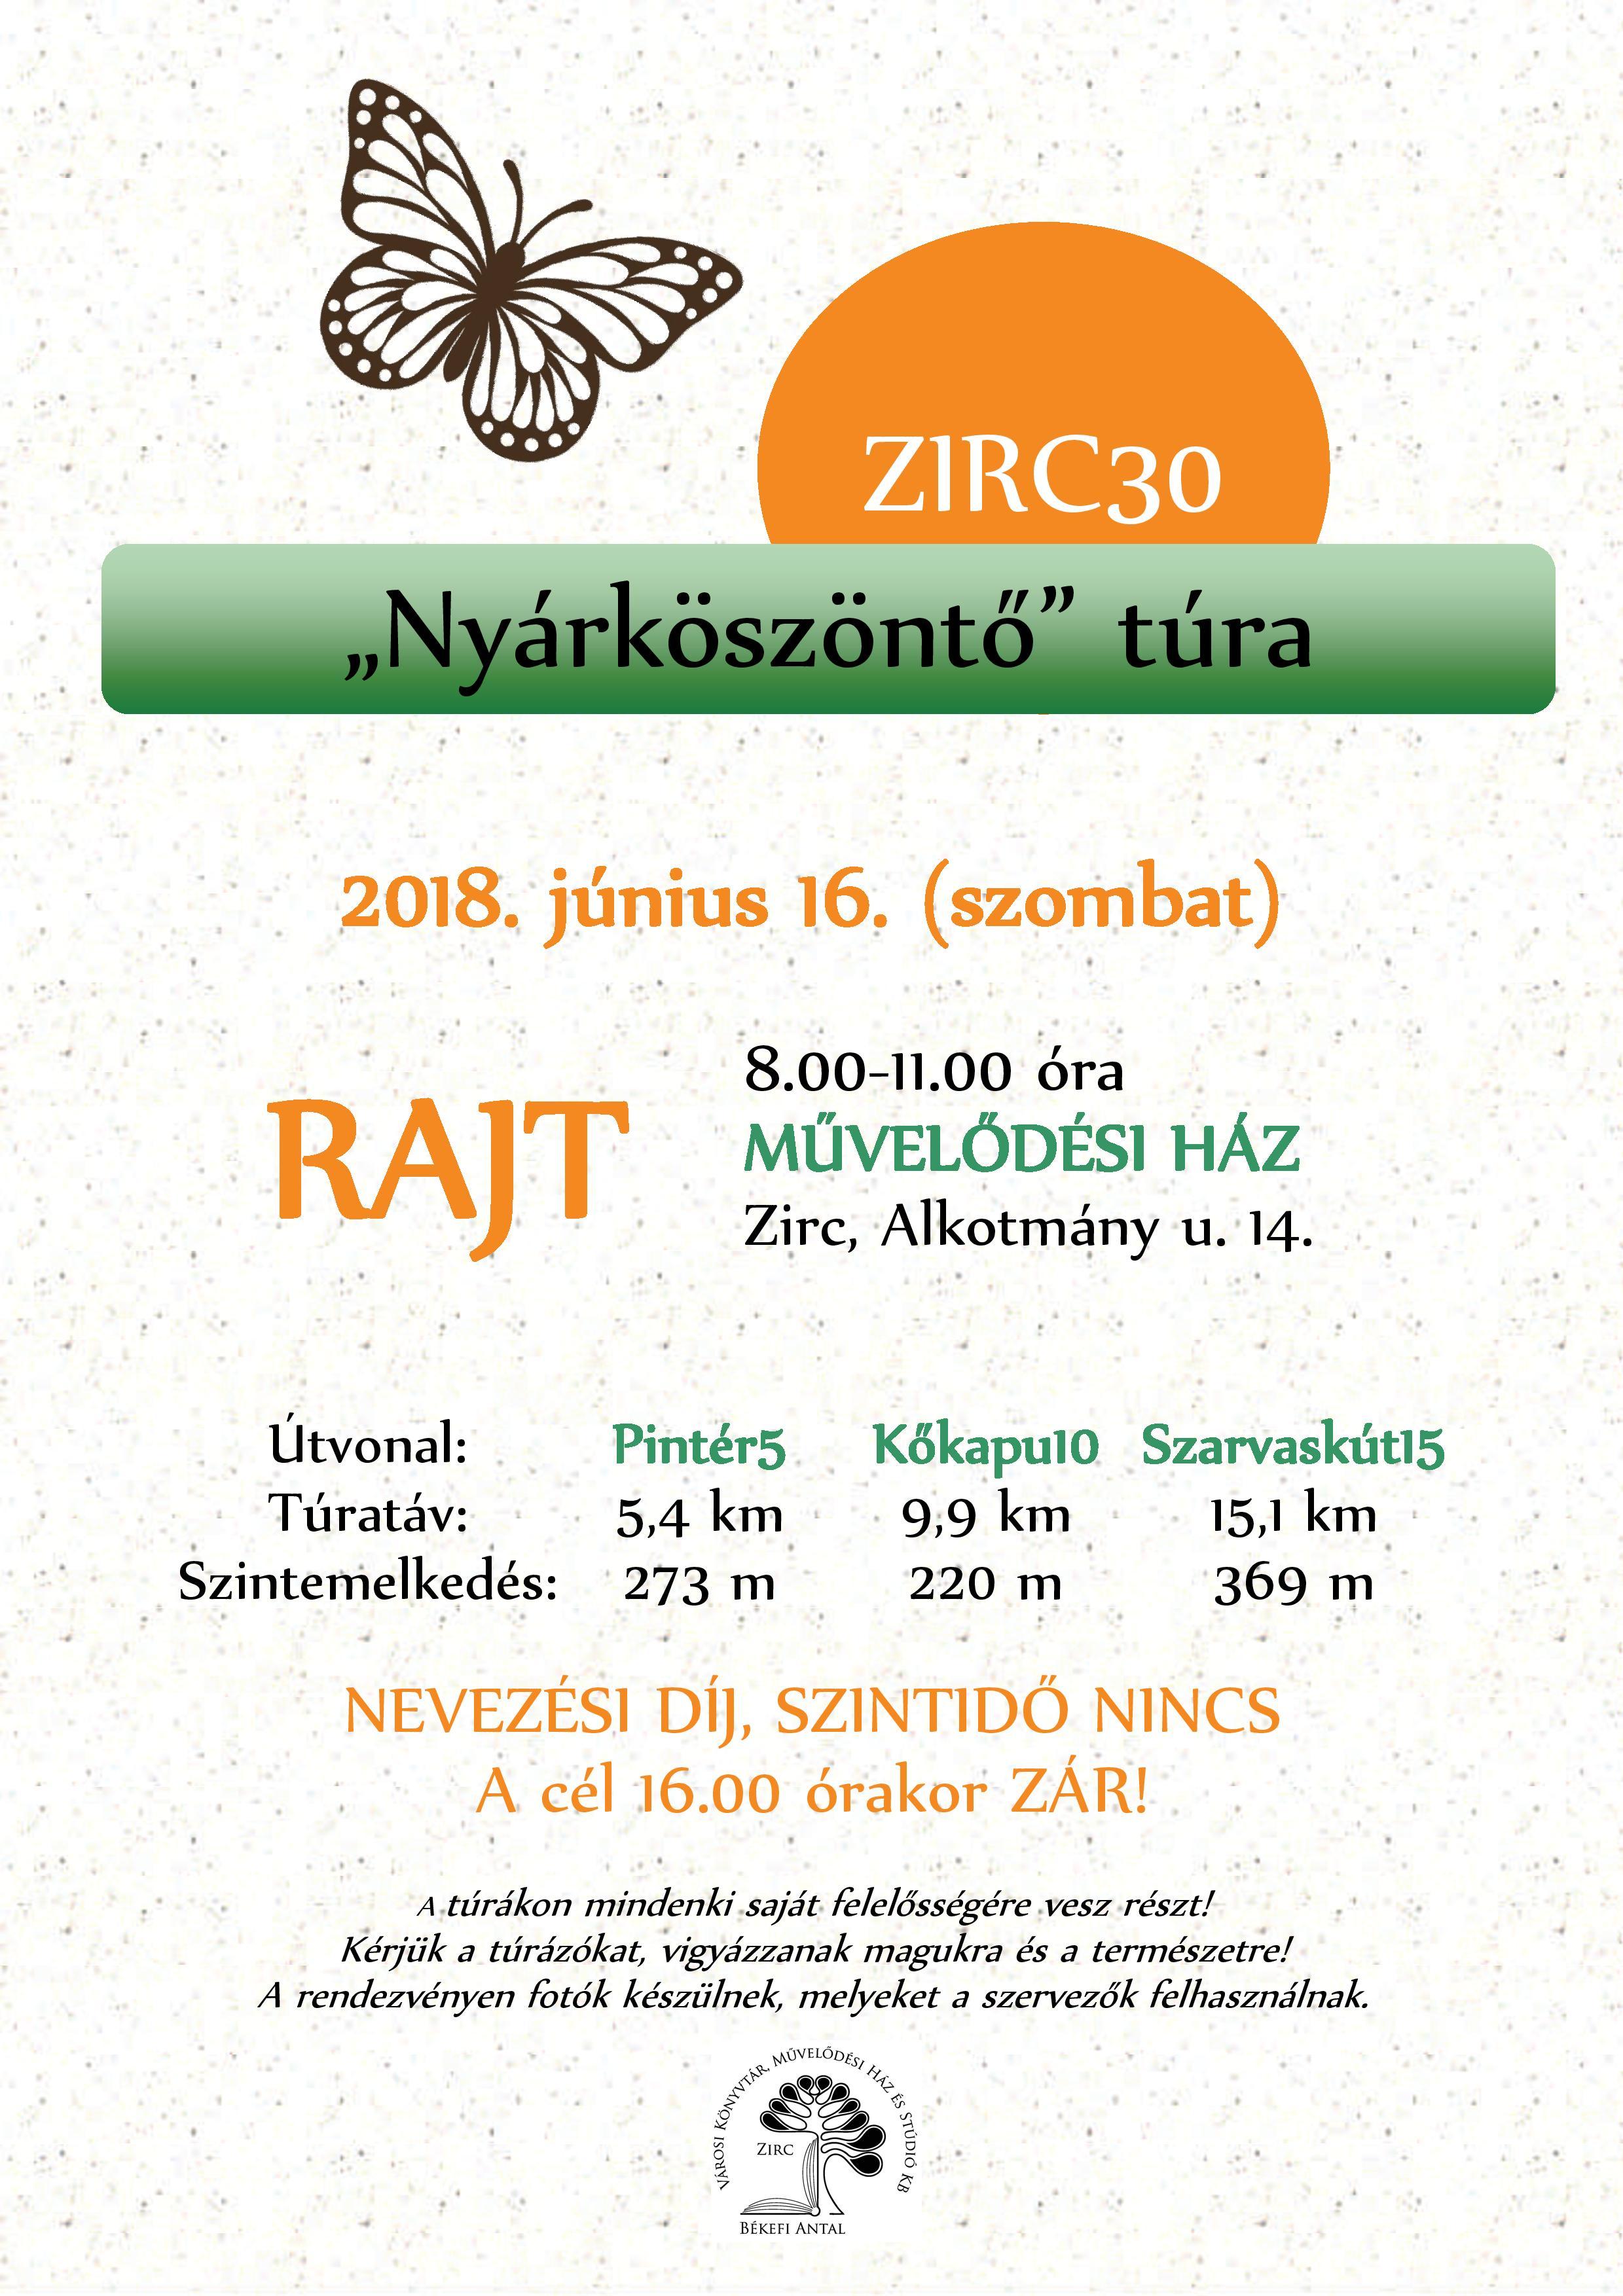 2018-06-16_zirc30_nyarkoszonto_tura.jpg